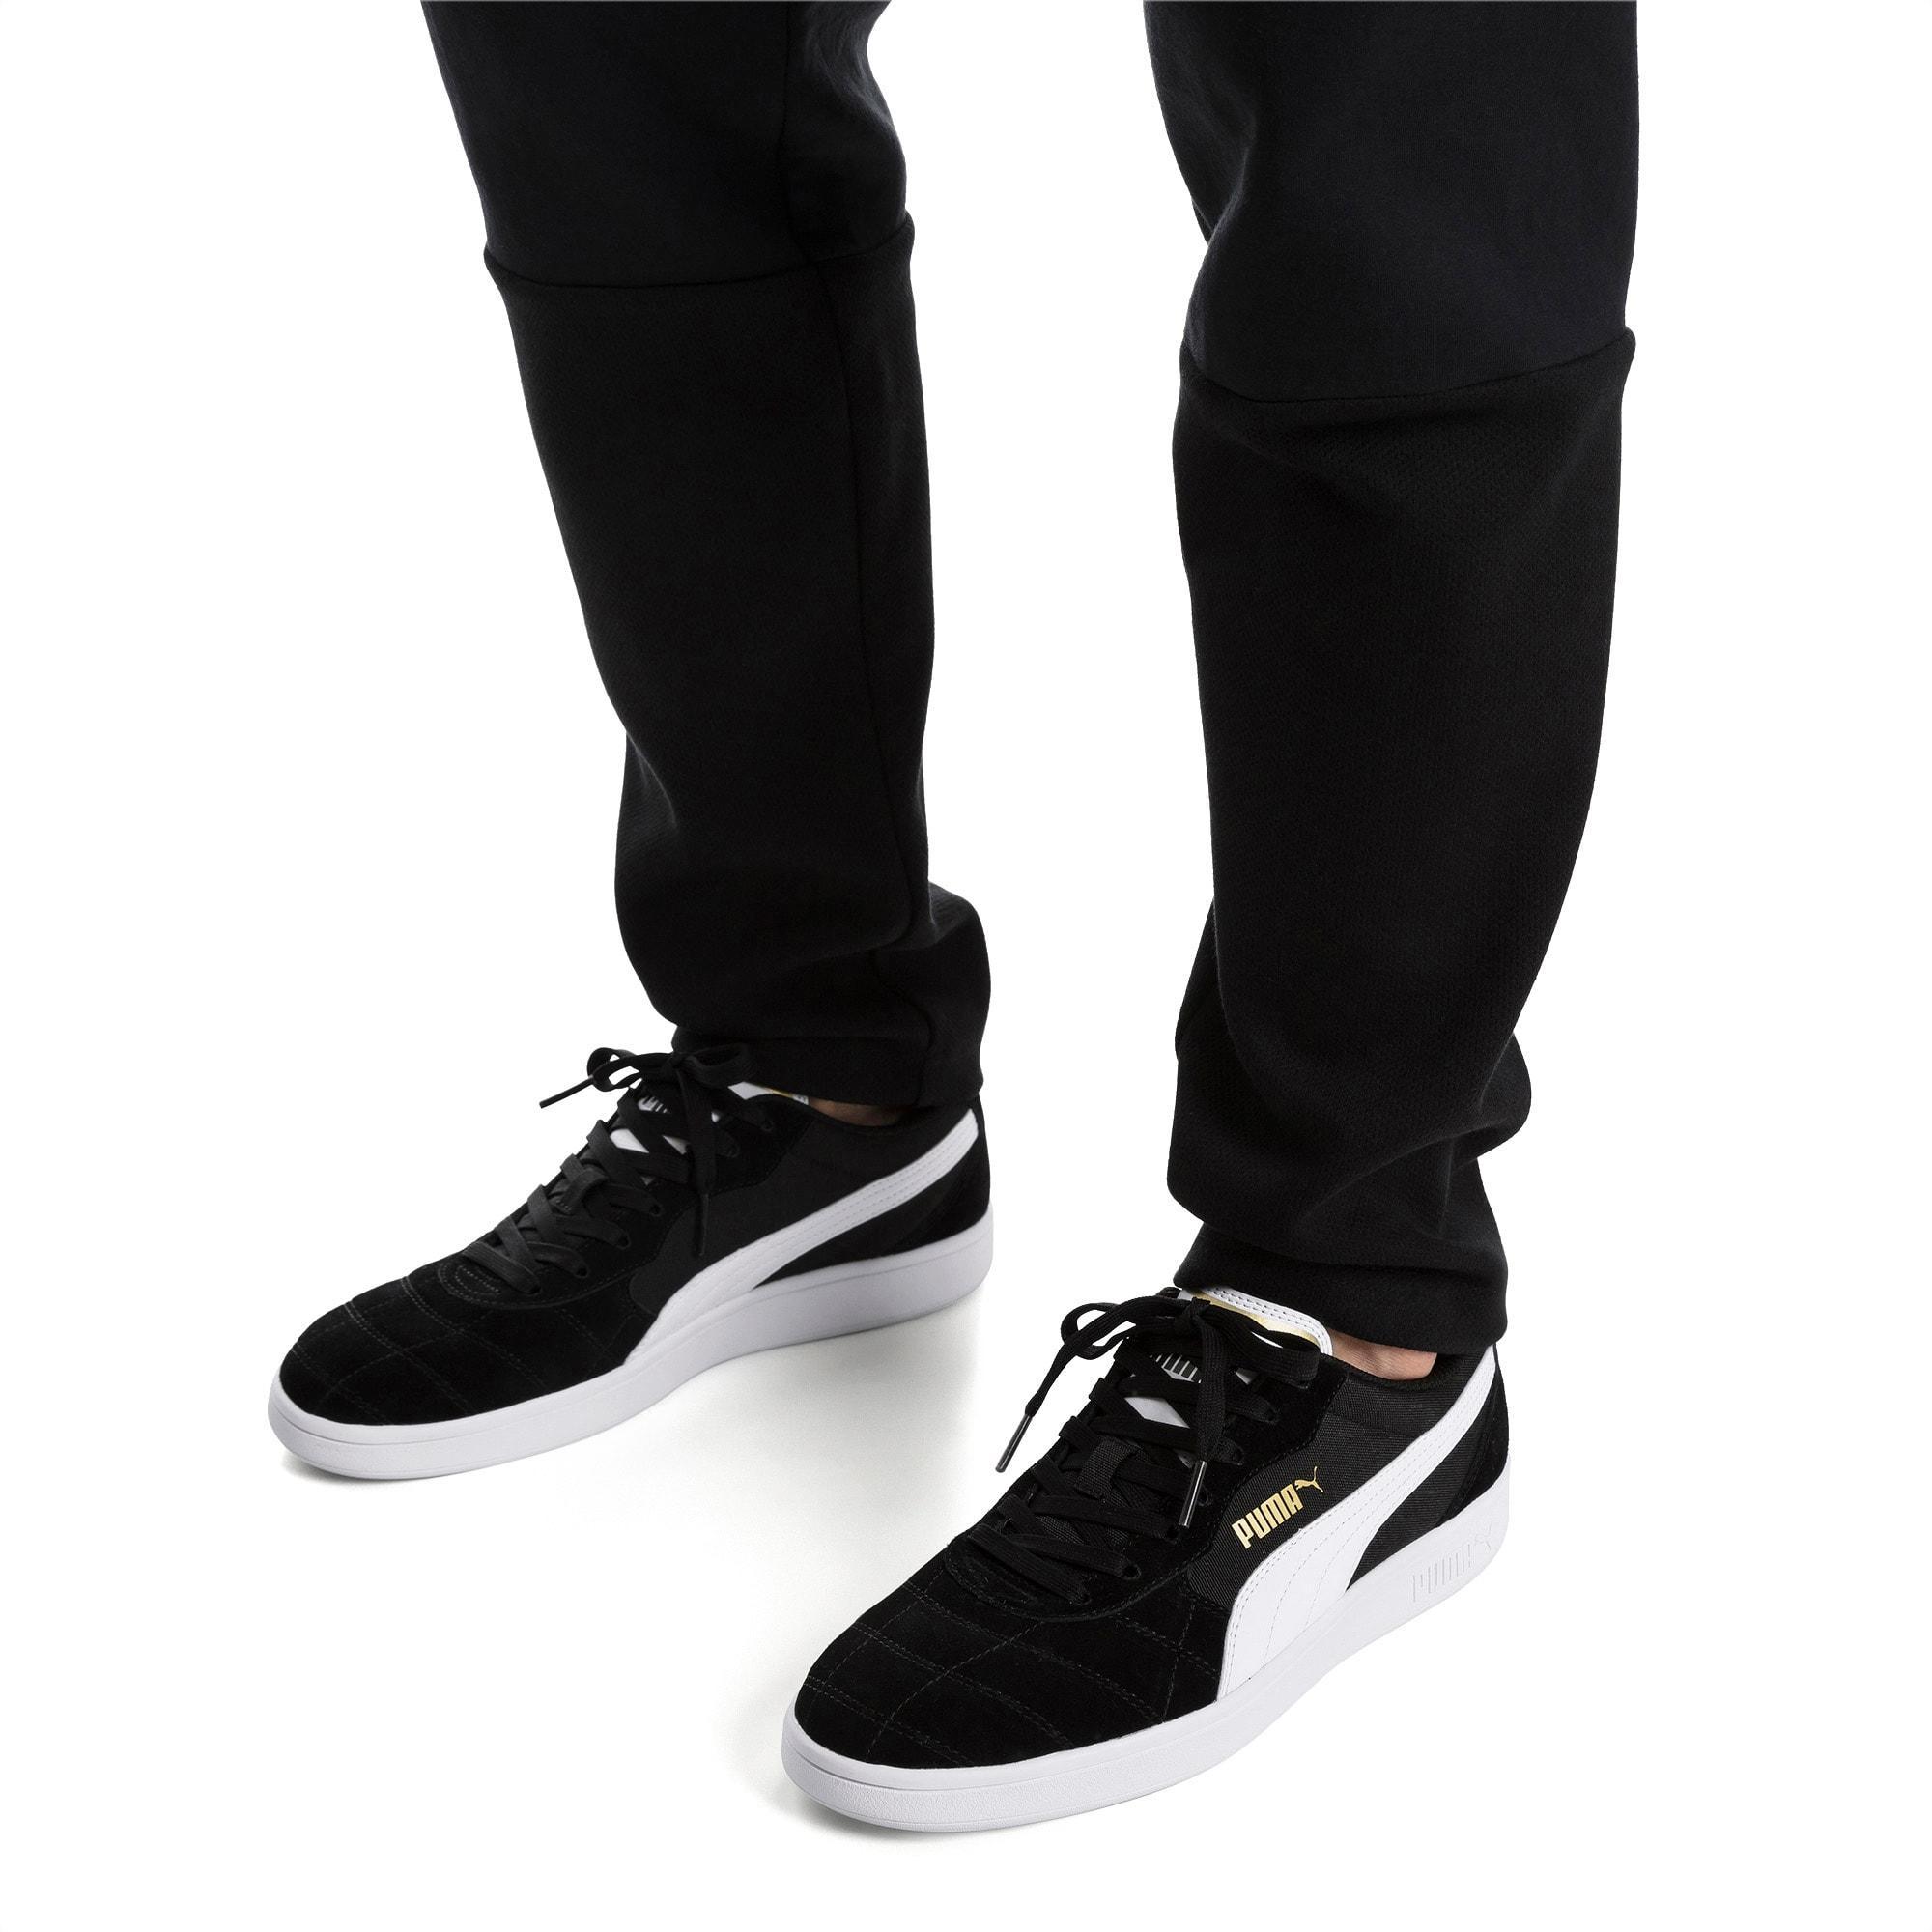 PUMA Astro Kick Sneaker in Black/White